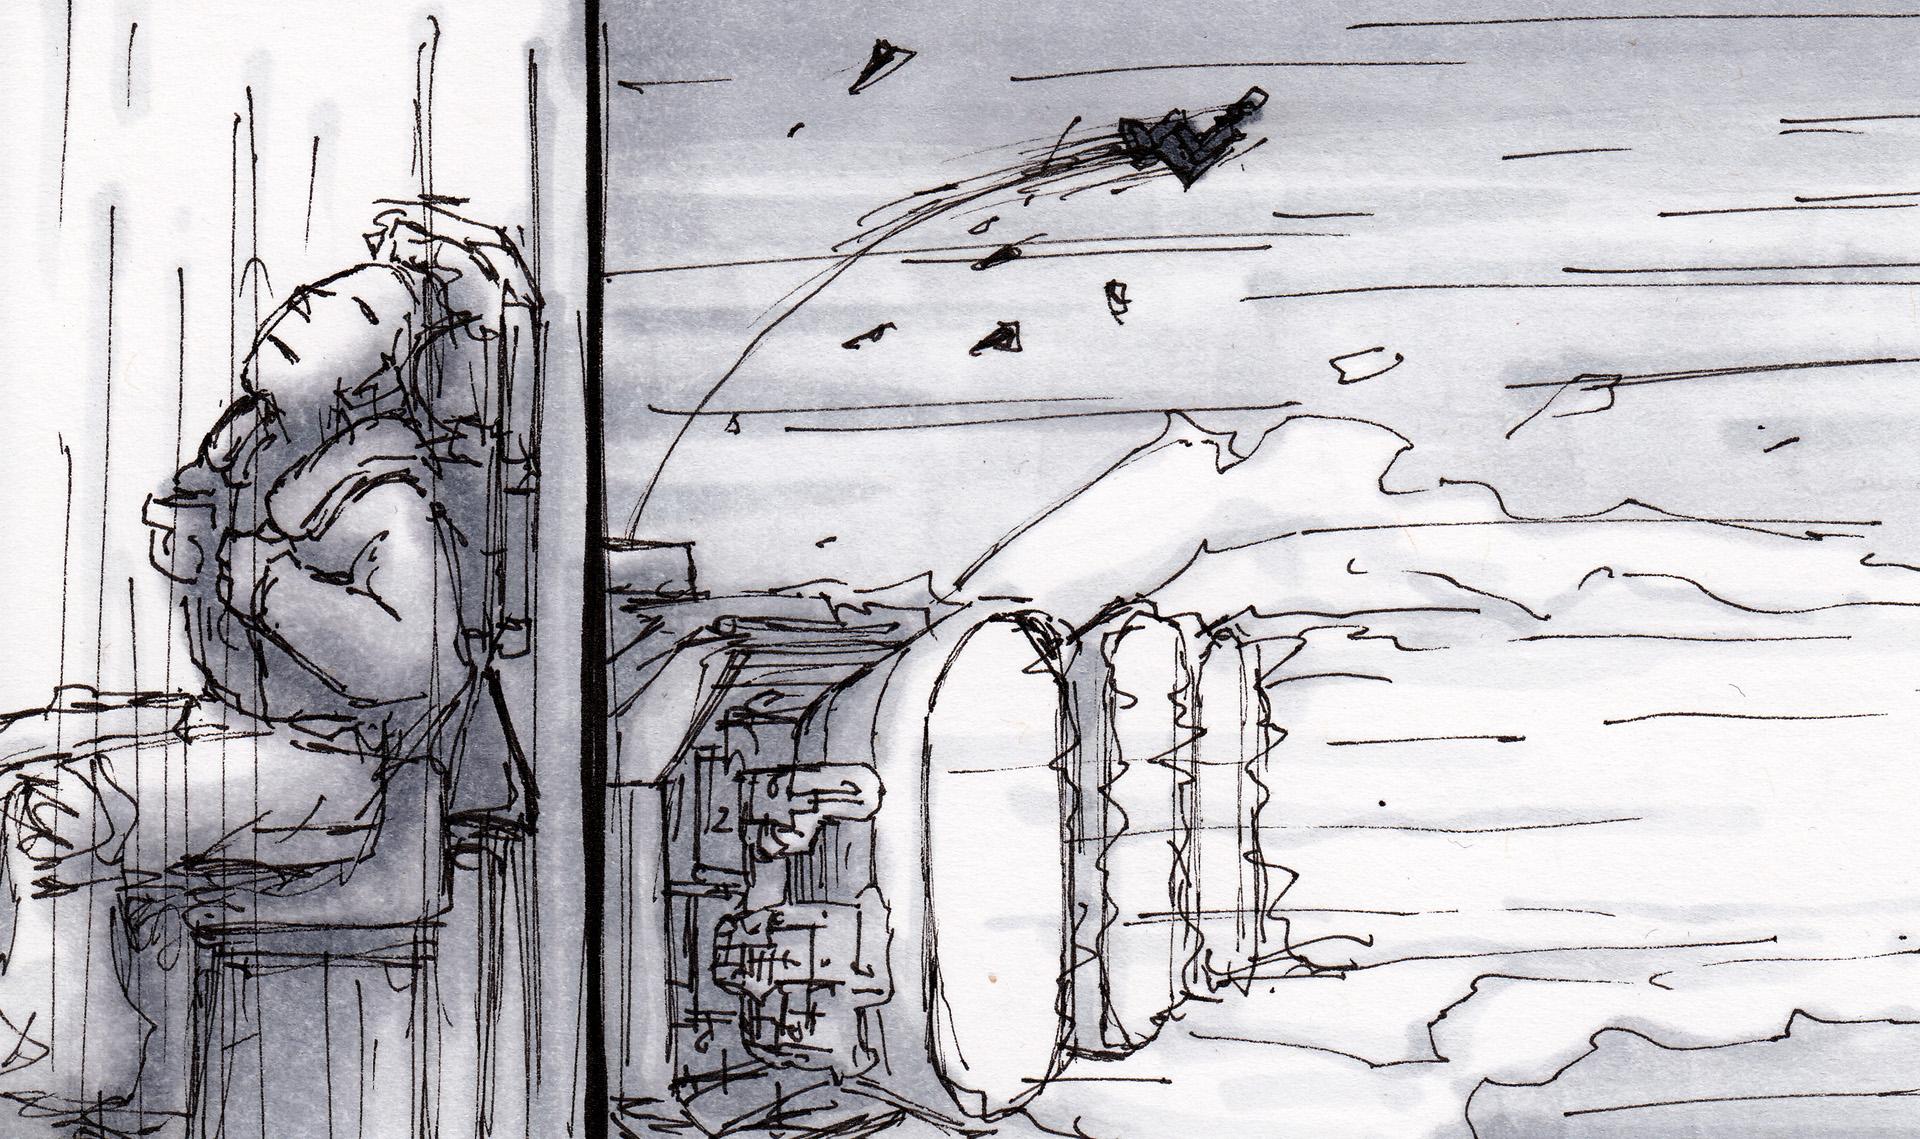 Storyboard__0120_IMG_0009.jpg